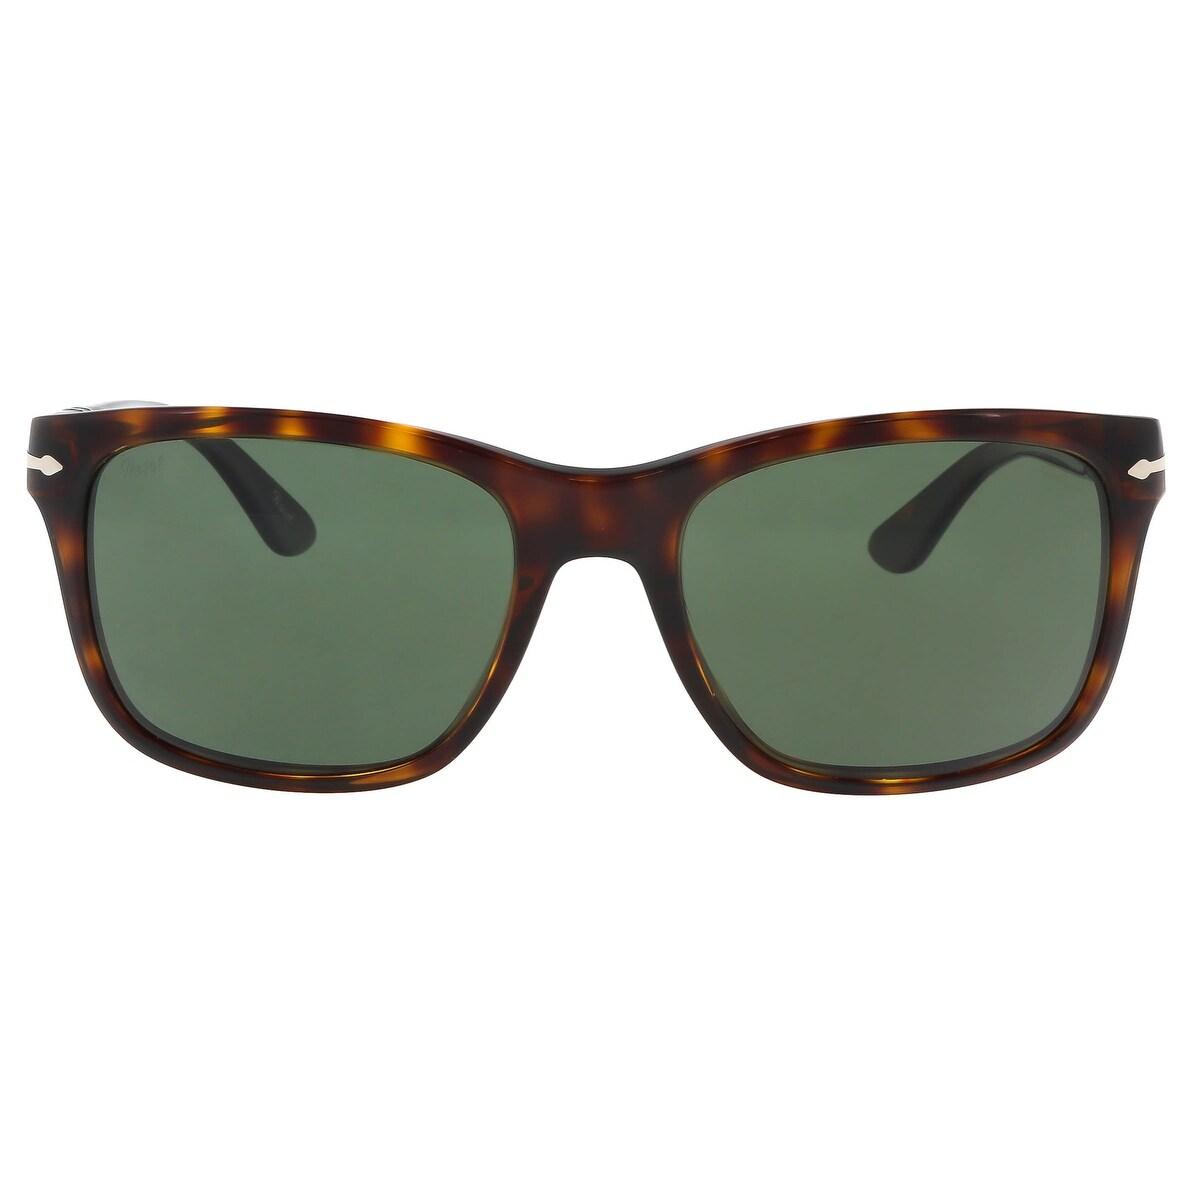 e2c2641a3d188 Shop Persol PO3135S 24 31 Havana Rectangle Sunglasses - 55-19-145 ...